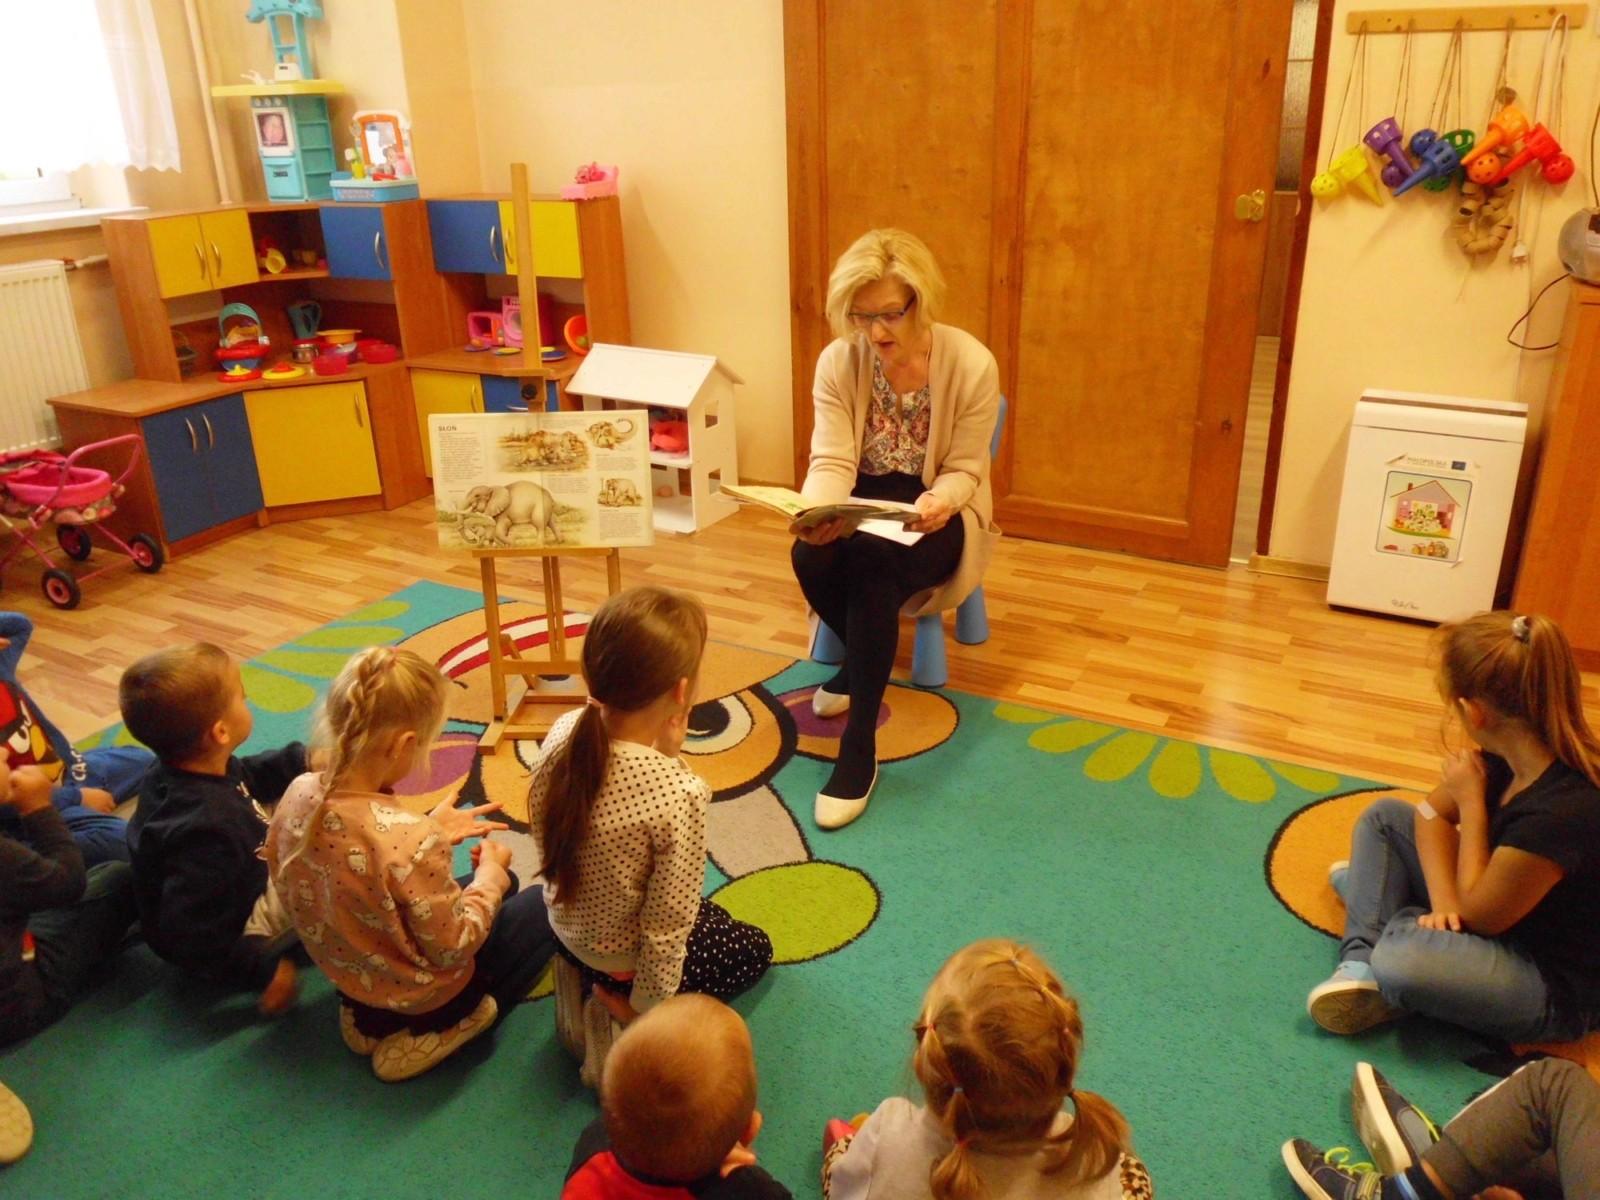 Zajęcia dydaktyczne z przedszkolakami, Grojec 11.10.2021